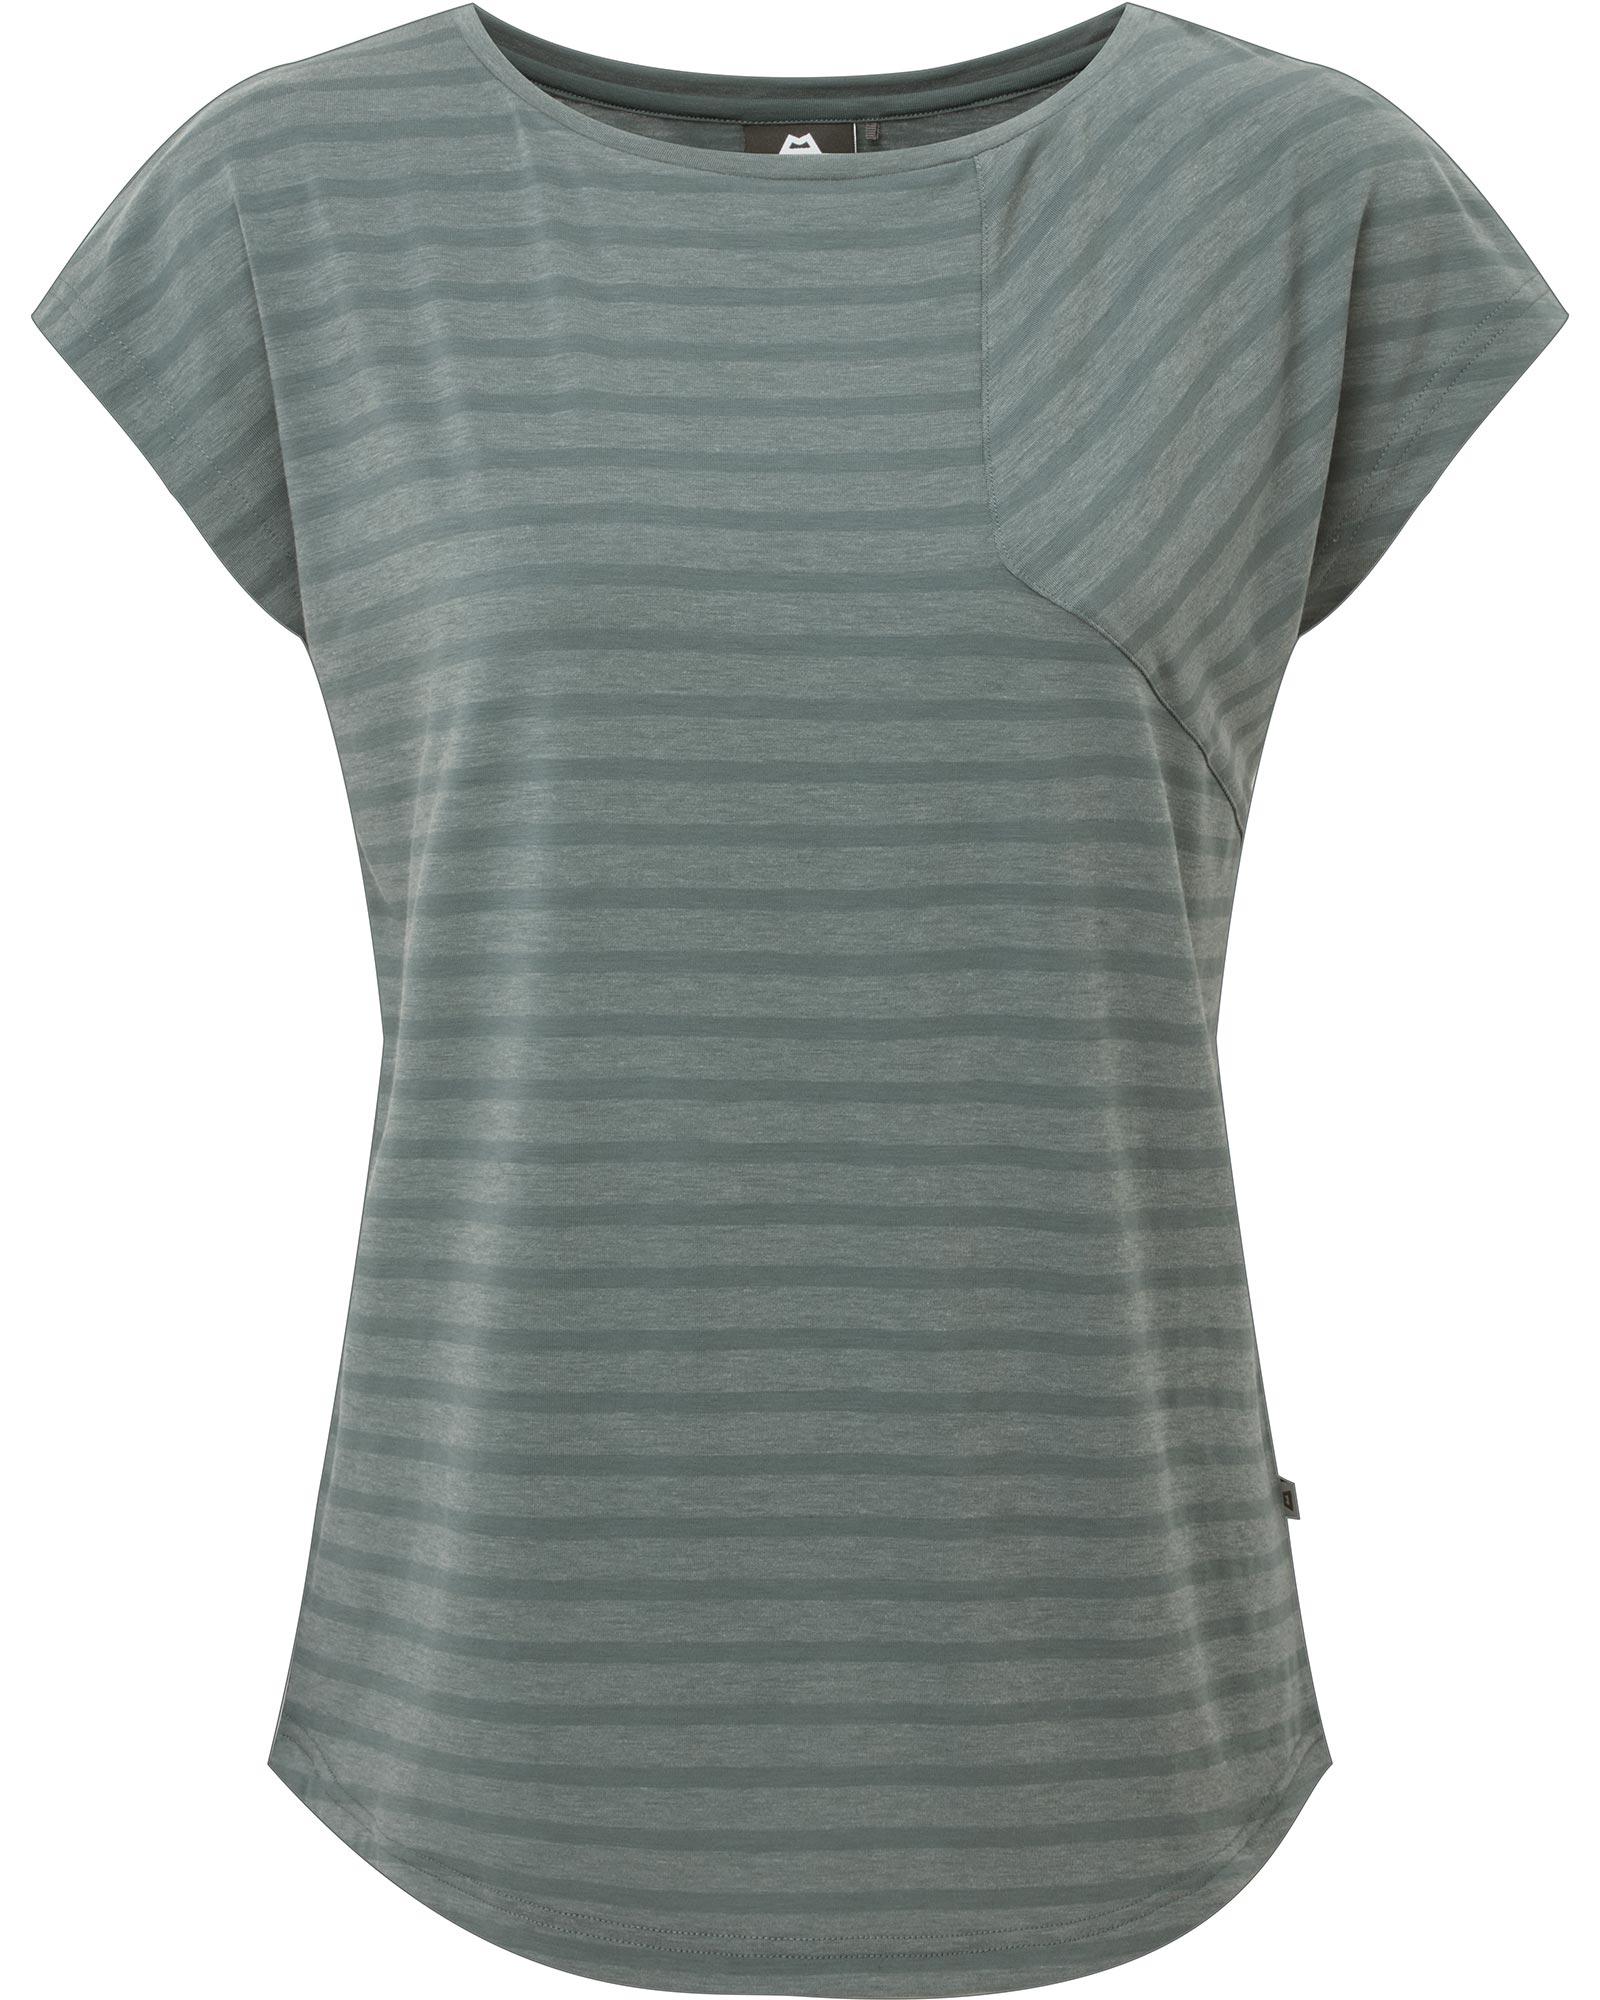 Mountain Equipment Silhouette Women's T-Shirt 0